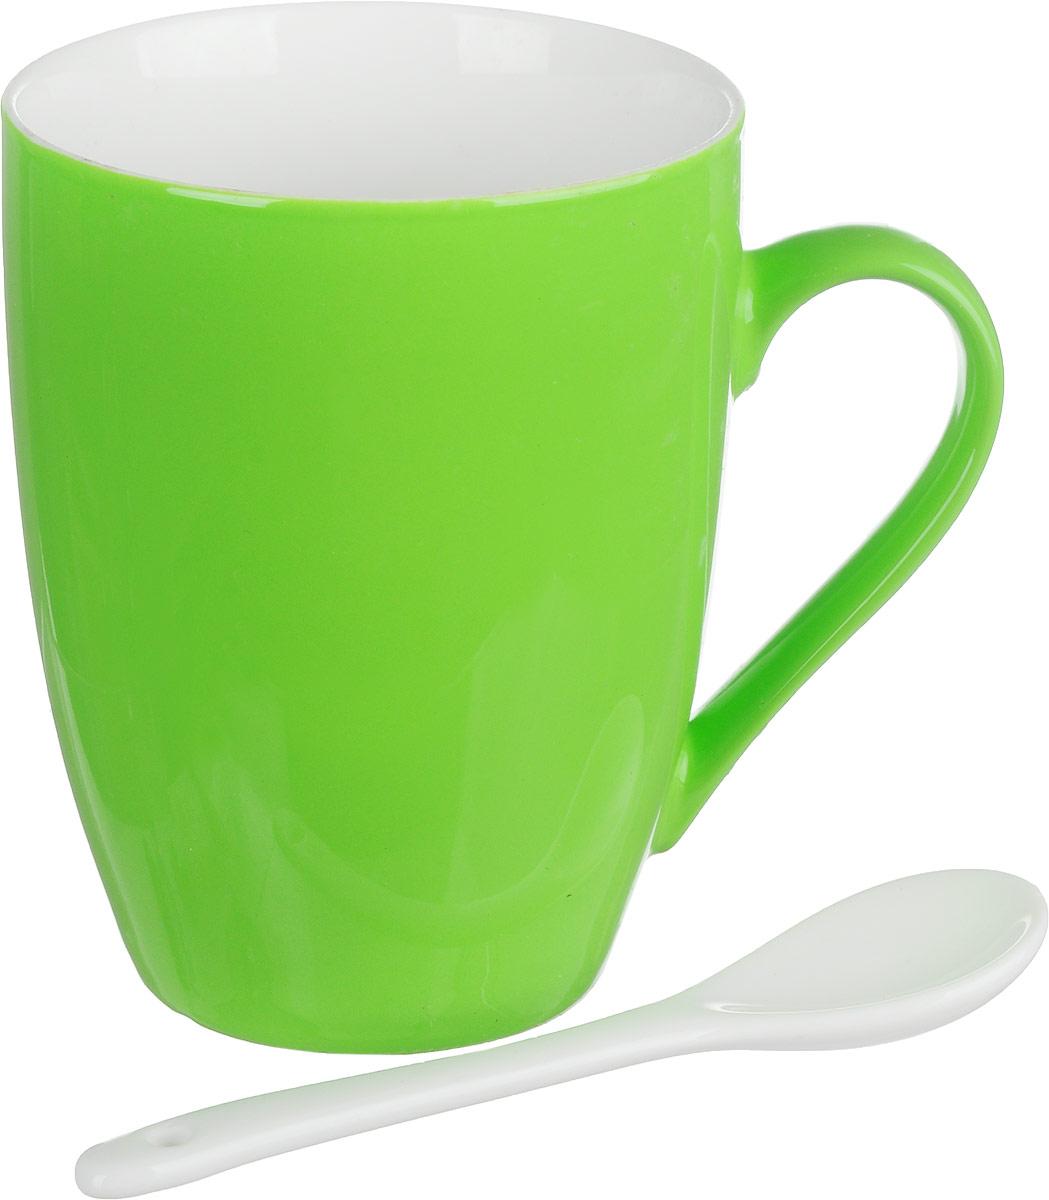 Кружка Доляна Радуга, с ложкой, цвет: салатовый, 300 мл699262_салатовыйКружка Доляна Радуга изготовлена из высококачественной керамики. Изделие оформлено ярким дизайном и покрыто превосходной сверкающей глазурью. Изысканная кружка прекрасно оформит стол к чаепитию и станет его неизменным атрибутом.В комплект входит чайная ложечка.Диаметр кружки (по верхнему краю): 8 см.Высота кружки: 10 см.